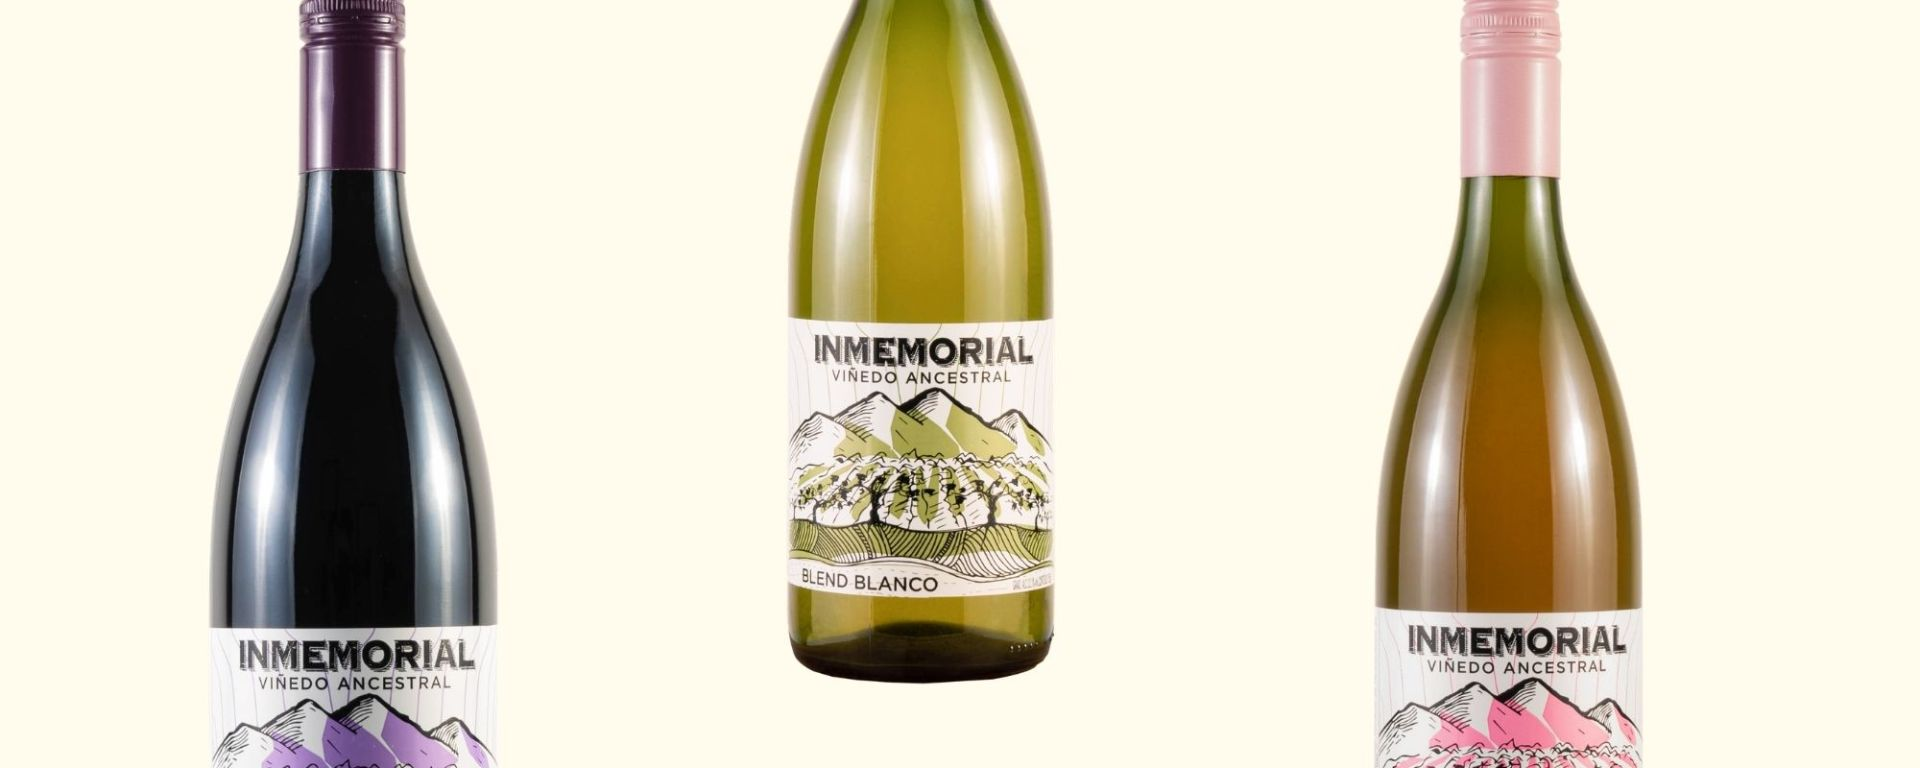 Vinhos de vinhedos argentinos centenários chegam ao Brasil